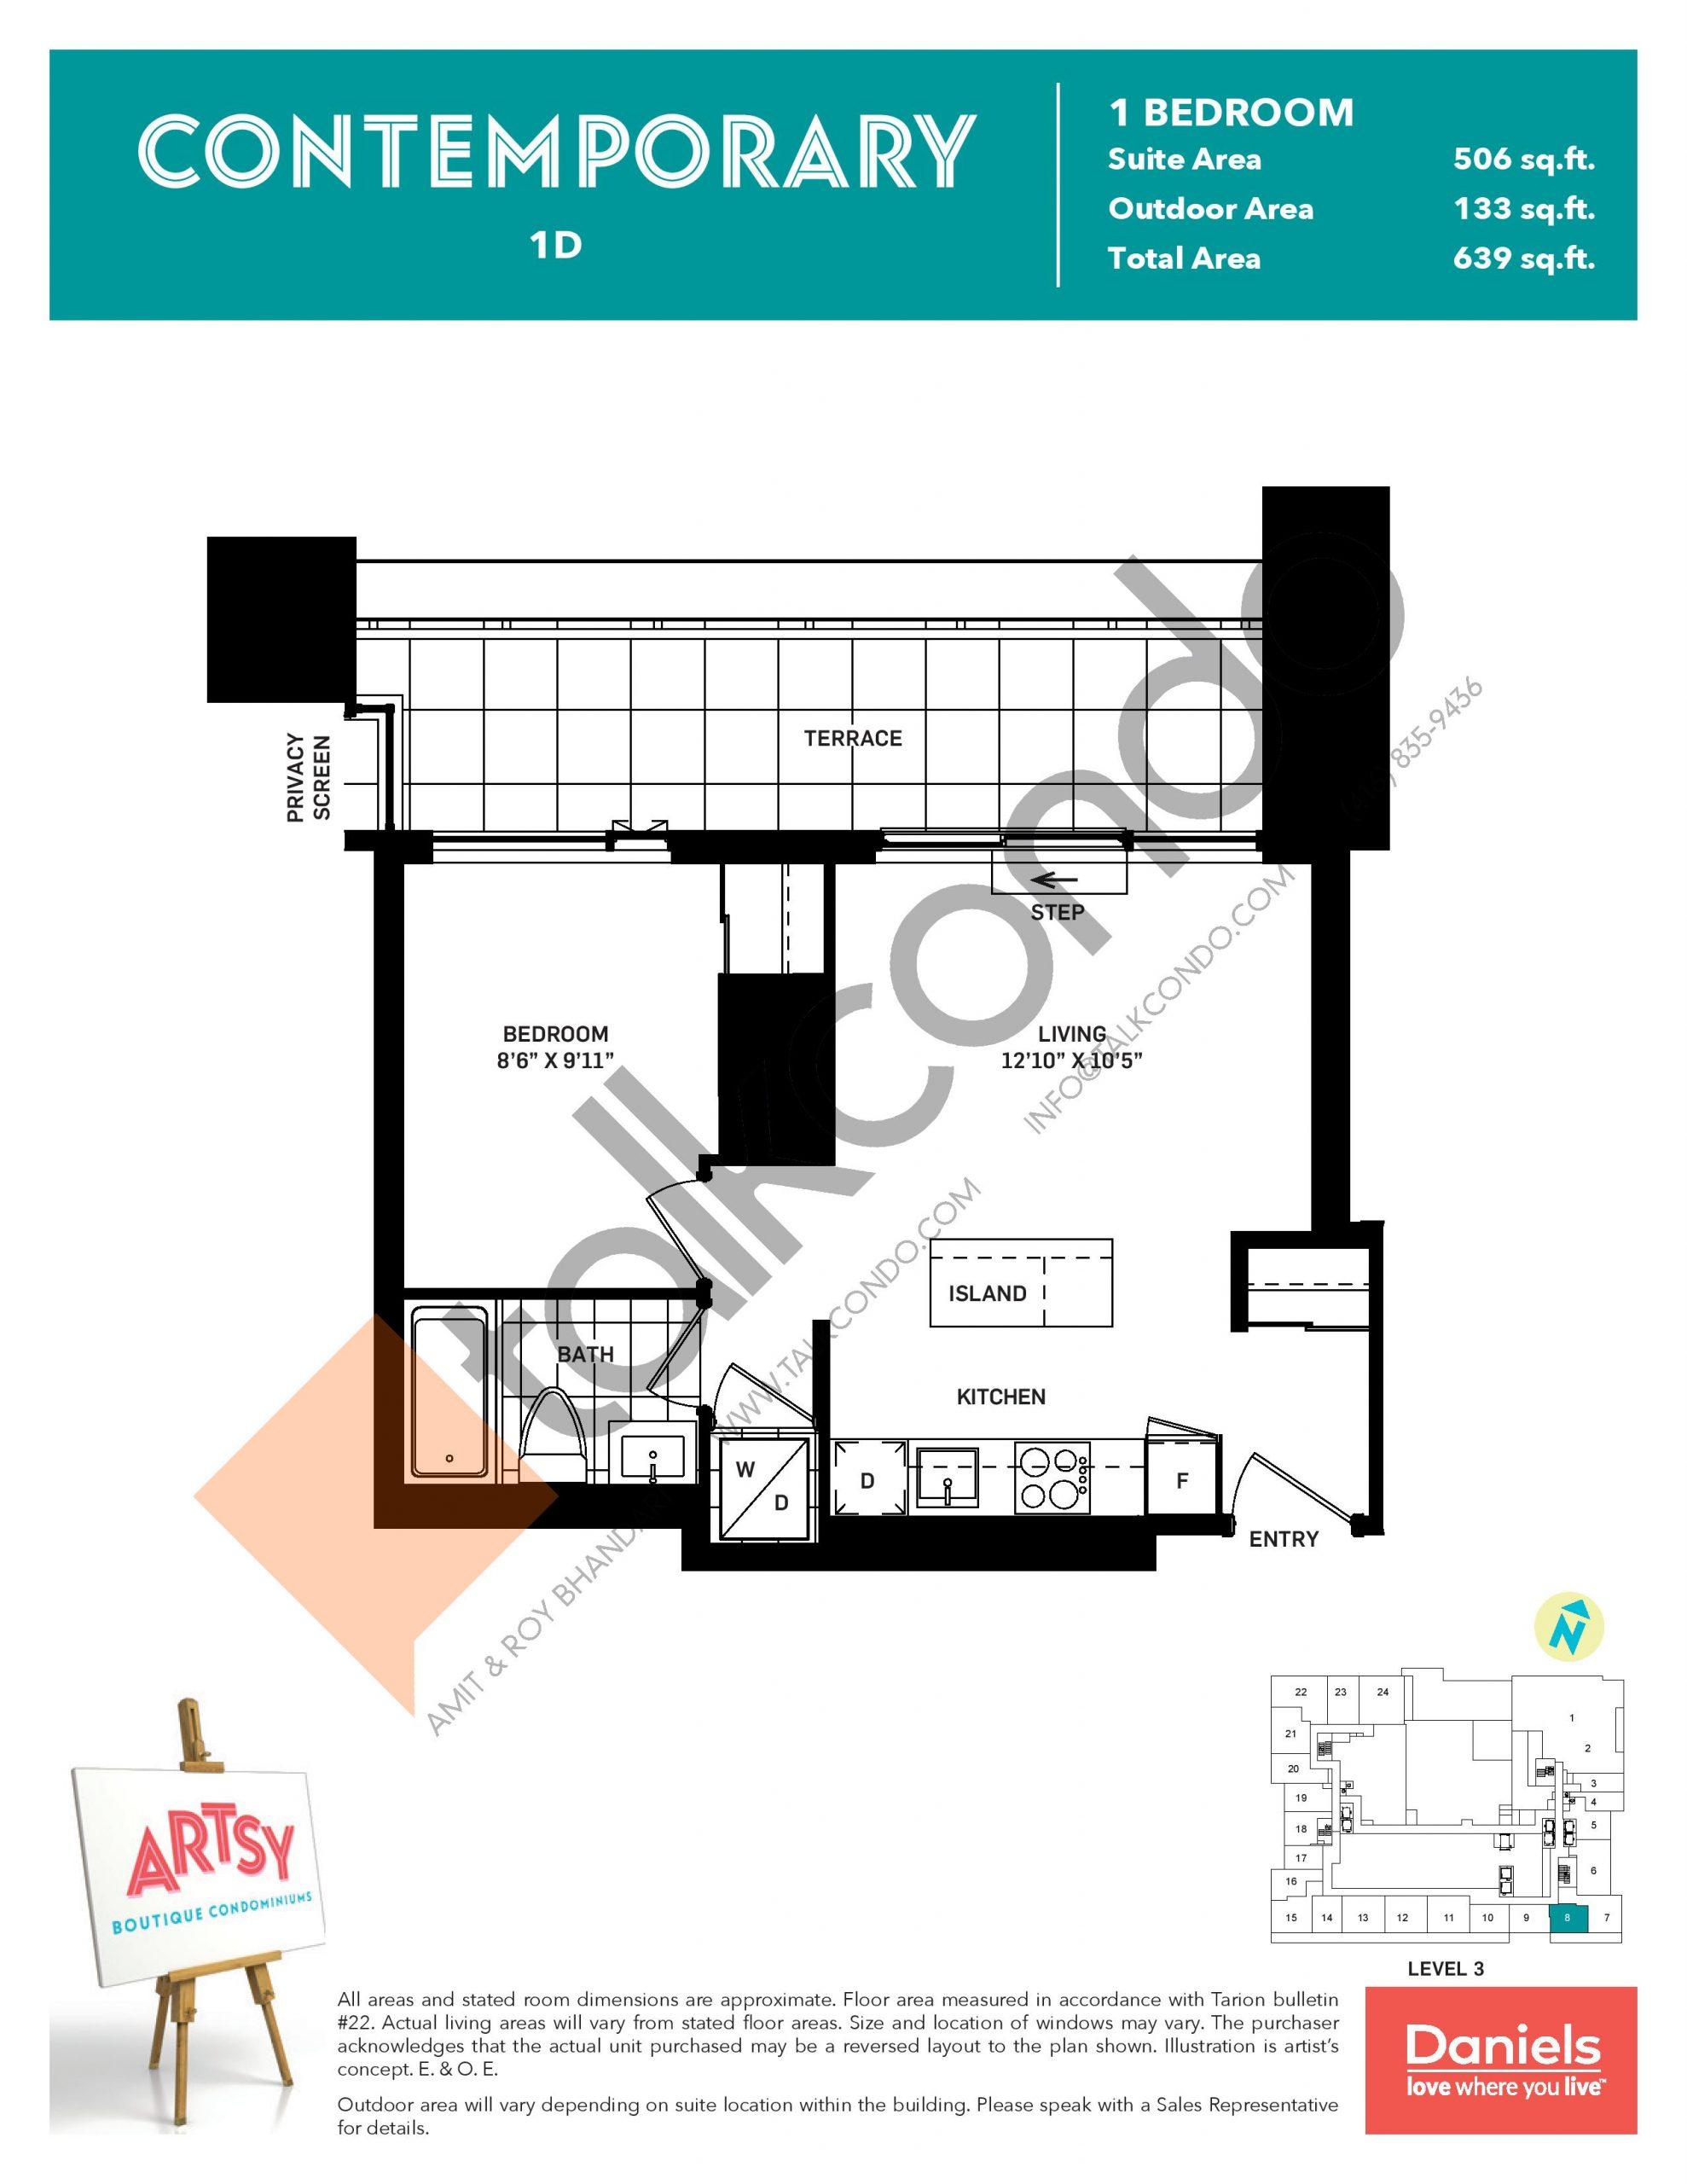 Contemporary Floor Plan at Artsy Boutique Condos - 506 sq.ft